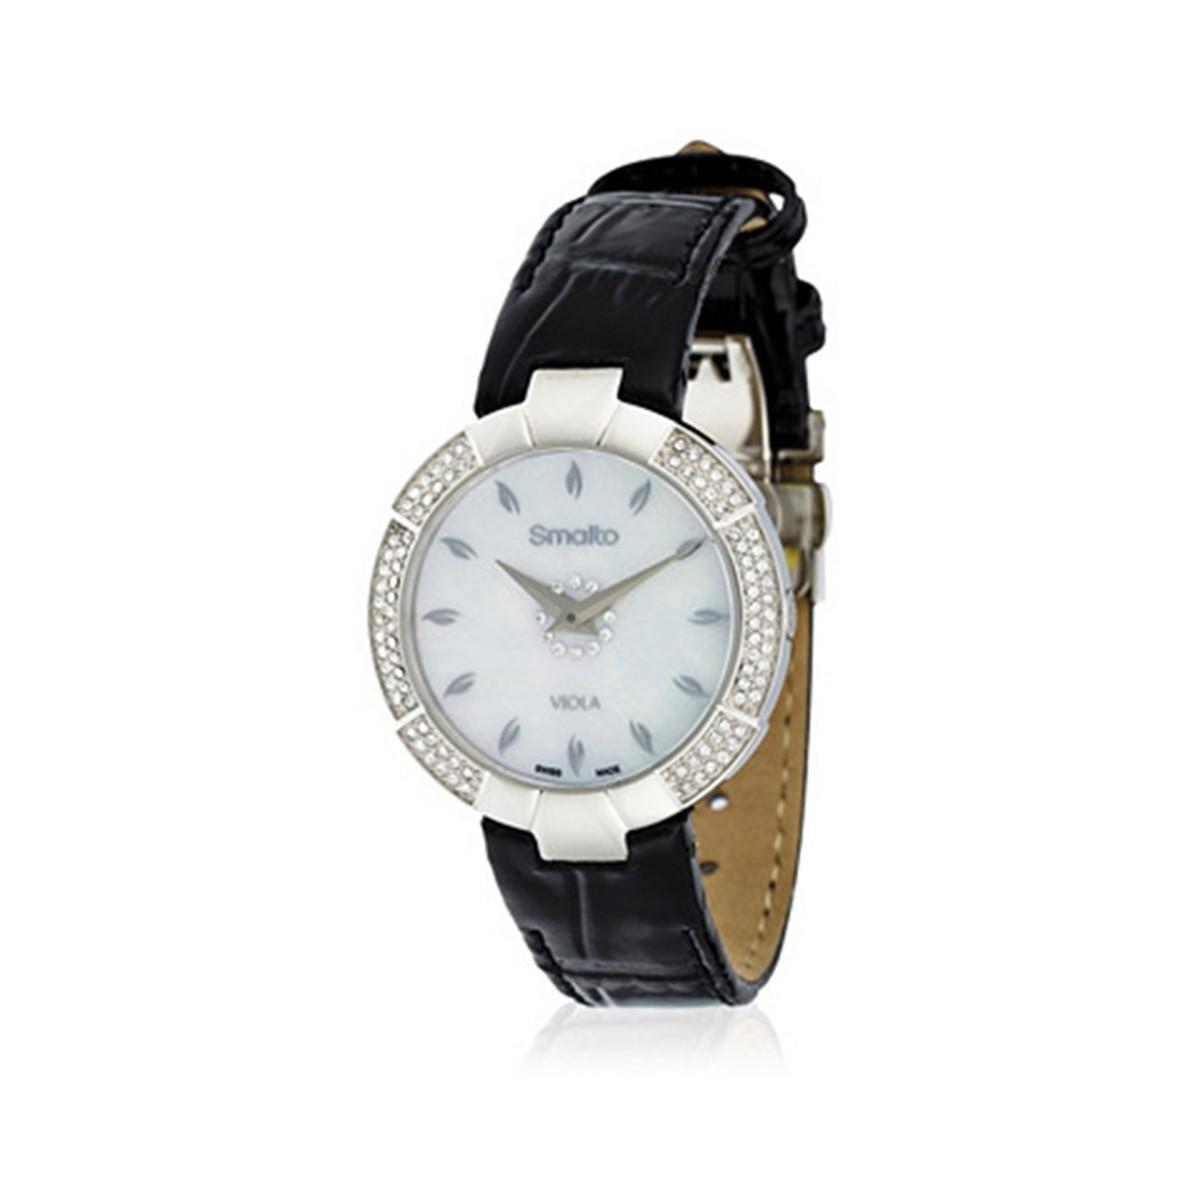 a7383c45b2 Smalto - SM740C3BC1 - Montre Femme VIOLA - Boîtier rond en métal argenté -  Cadran argenté - Bracelet en cuir noir